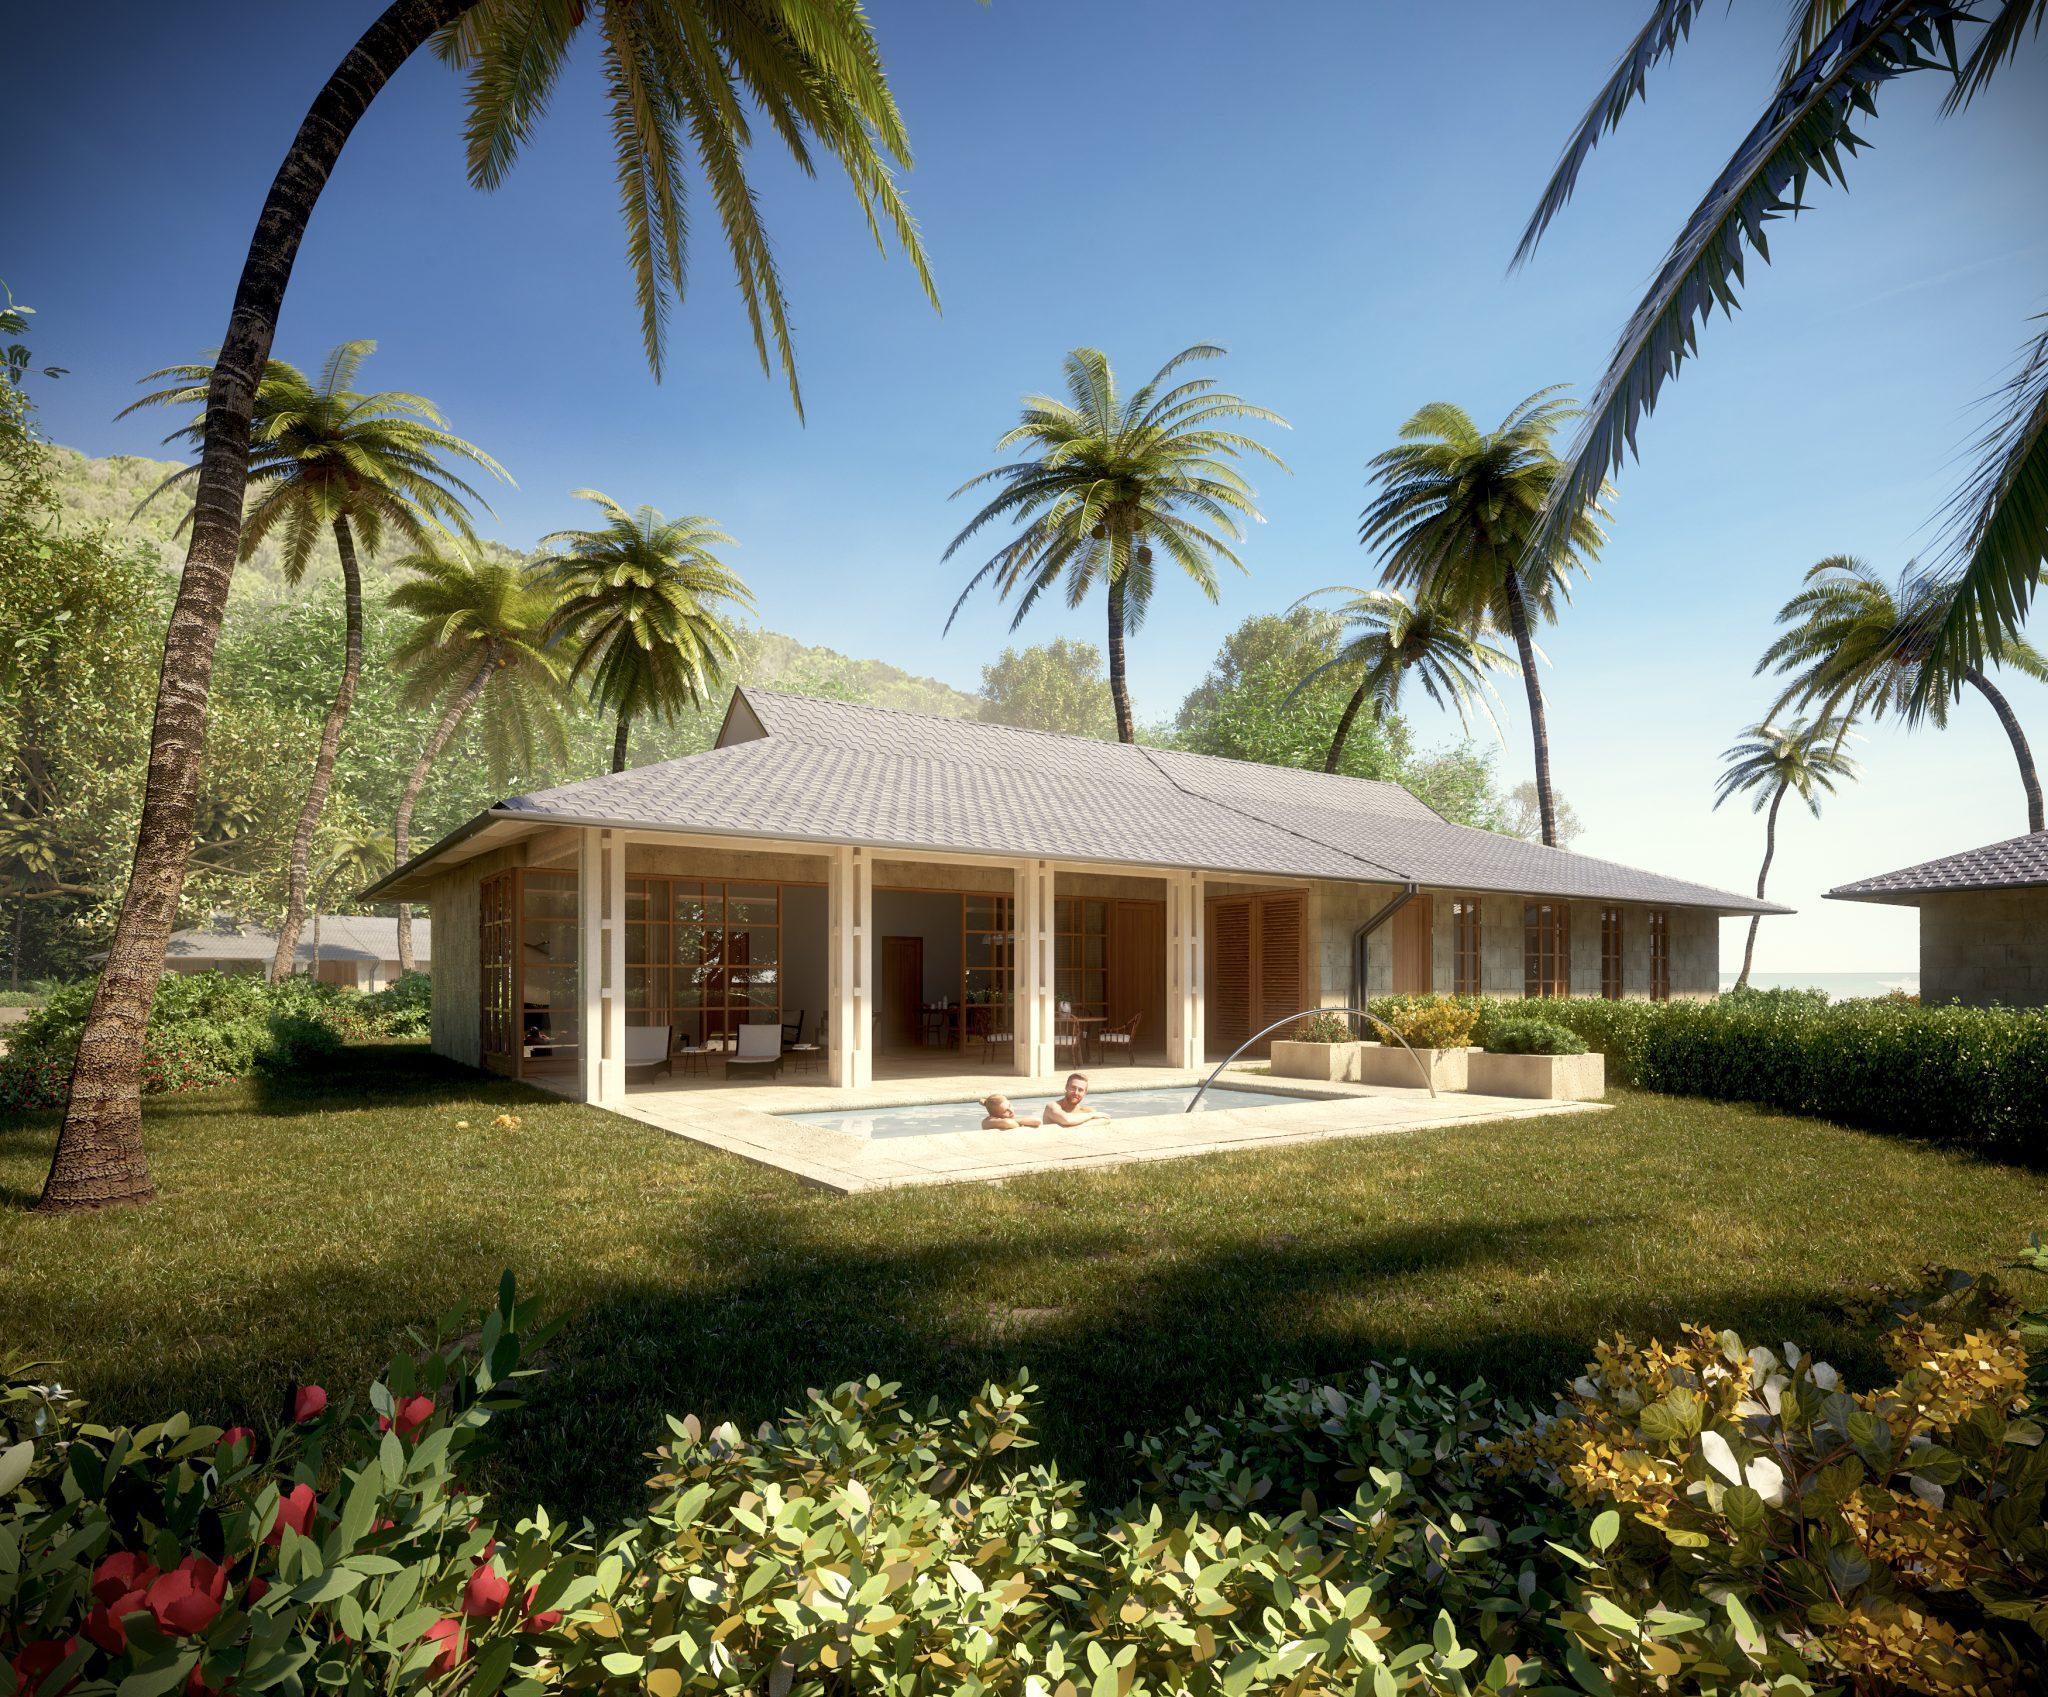 Strandvillor i Karibien där varje bostad har en egen pool, av Rex Arkitektbyrå